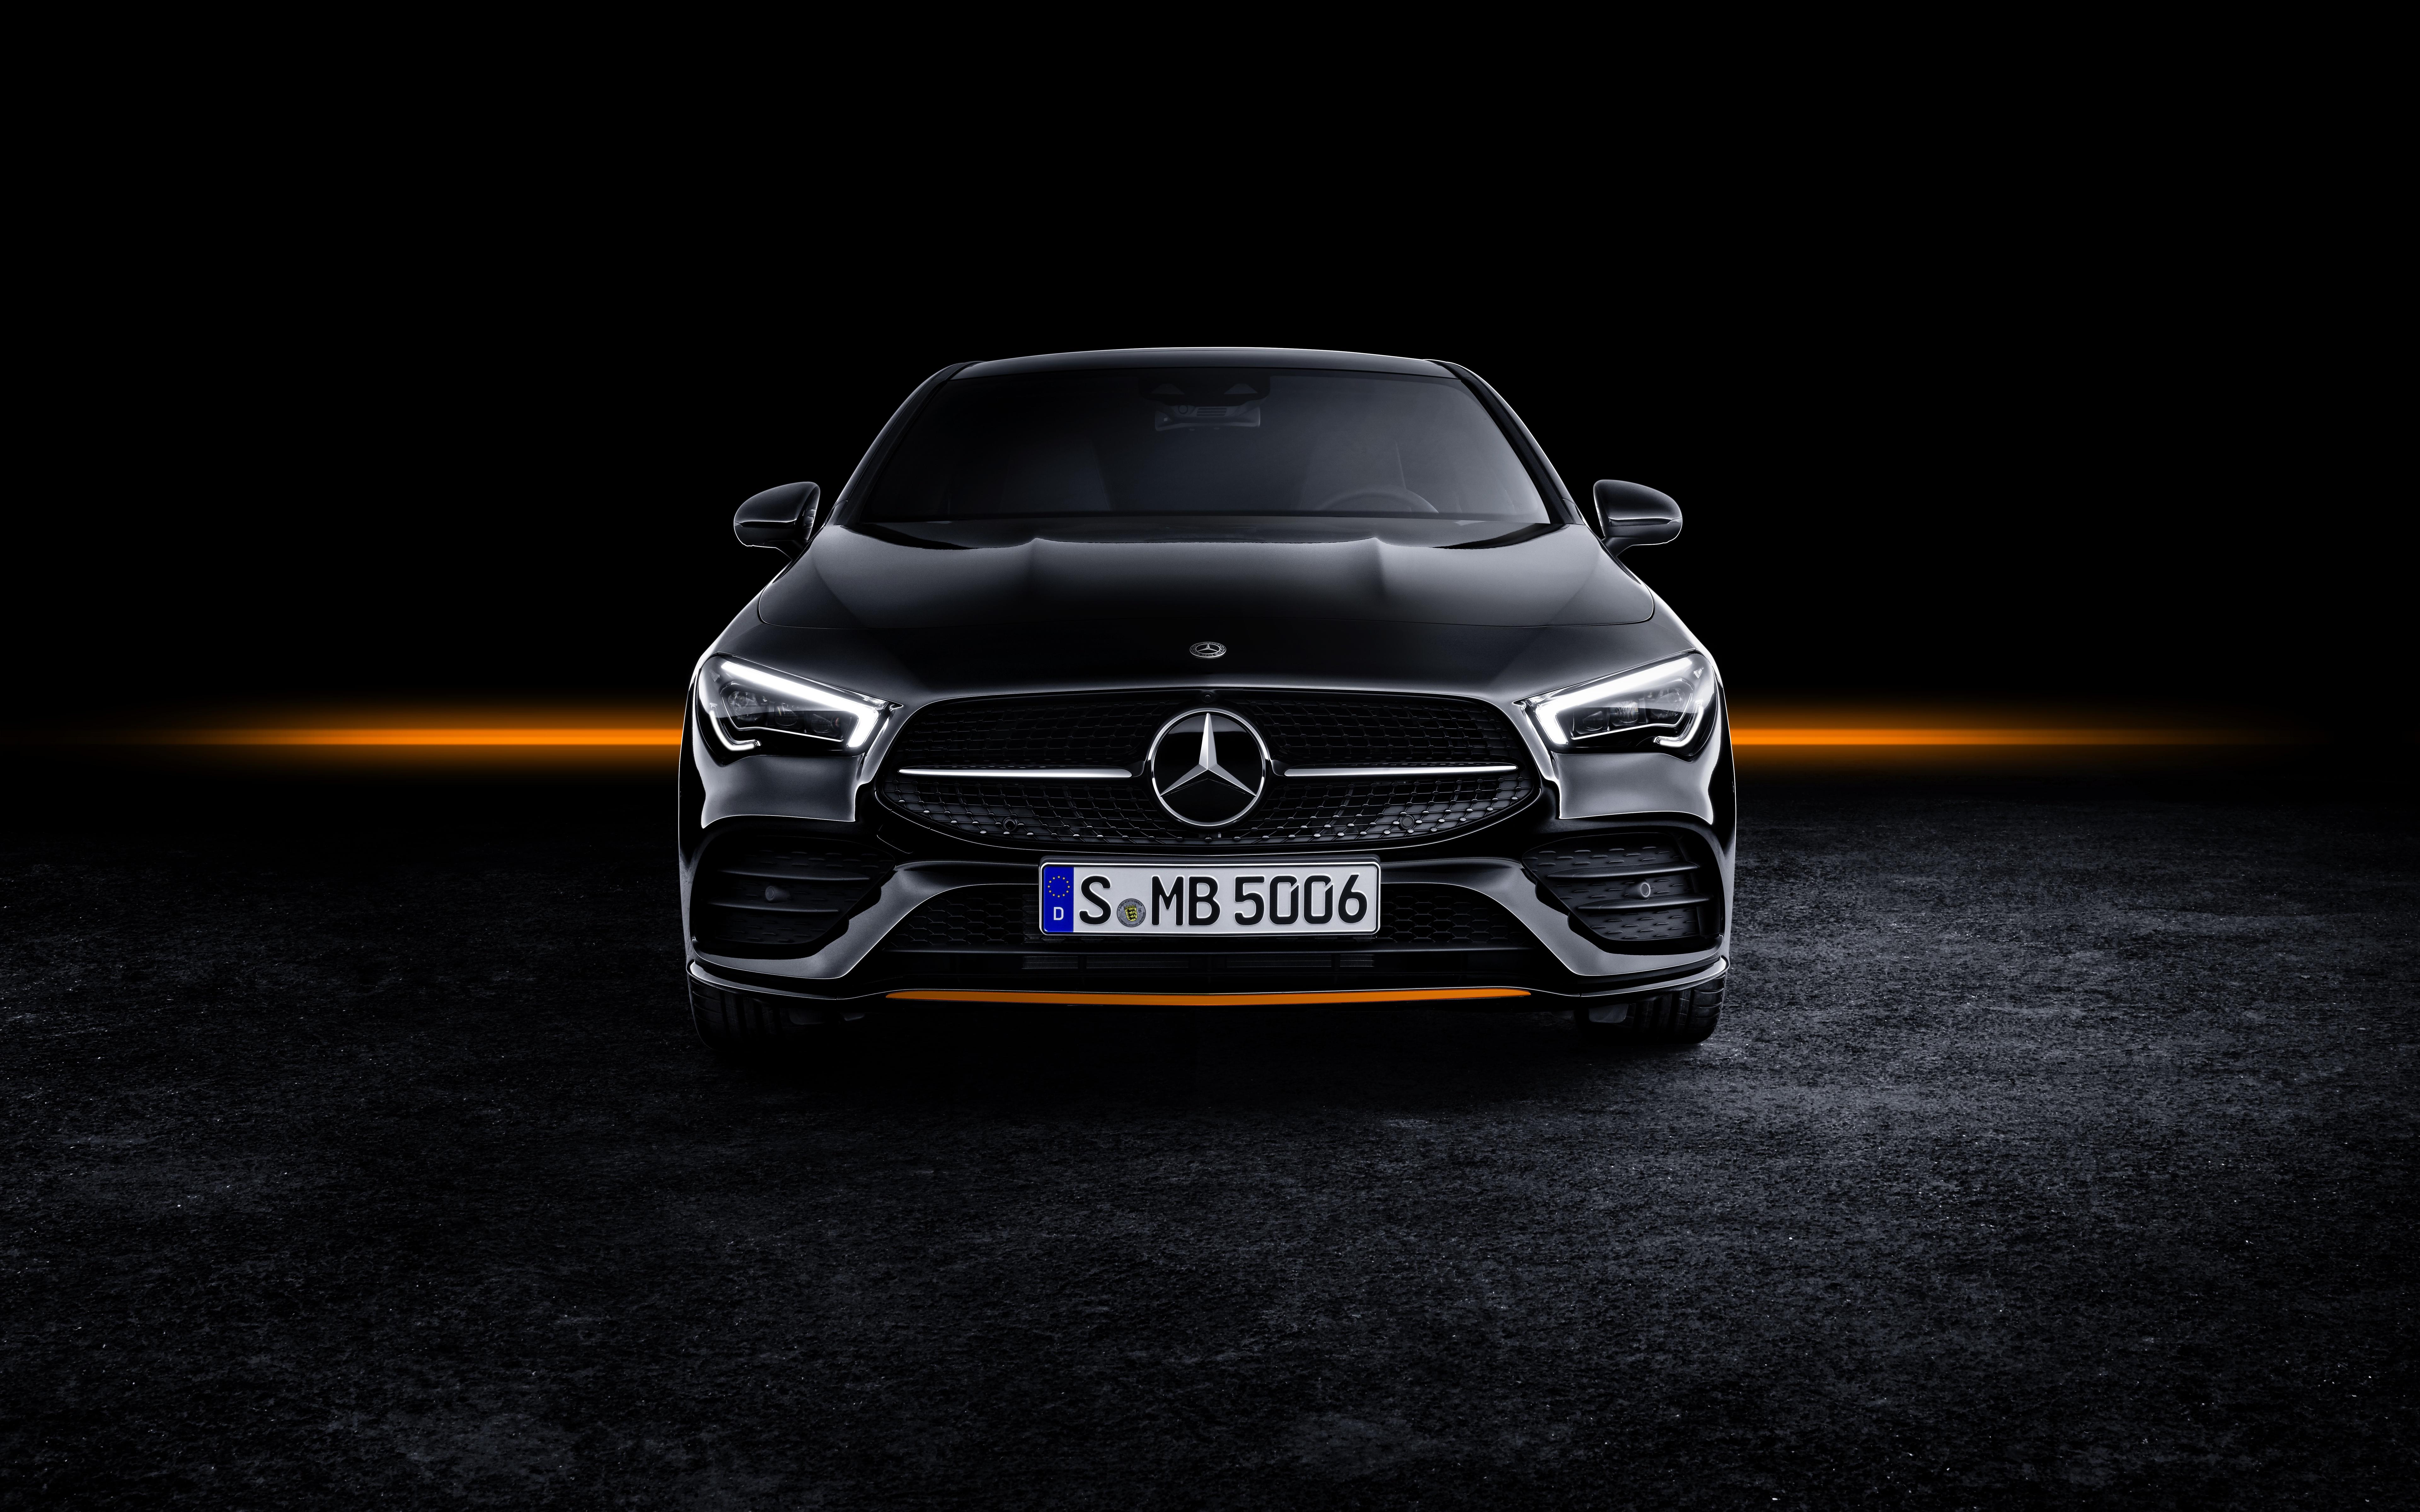 Mercedes Benz CLA Class 8k Ultra HD Wallpaper Background Image 7680x4800